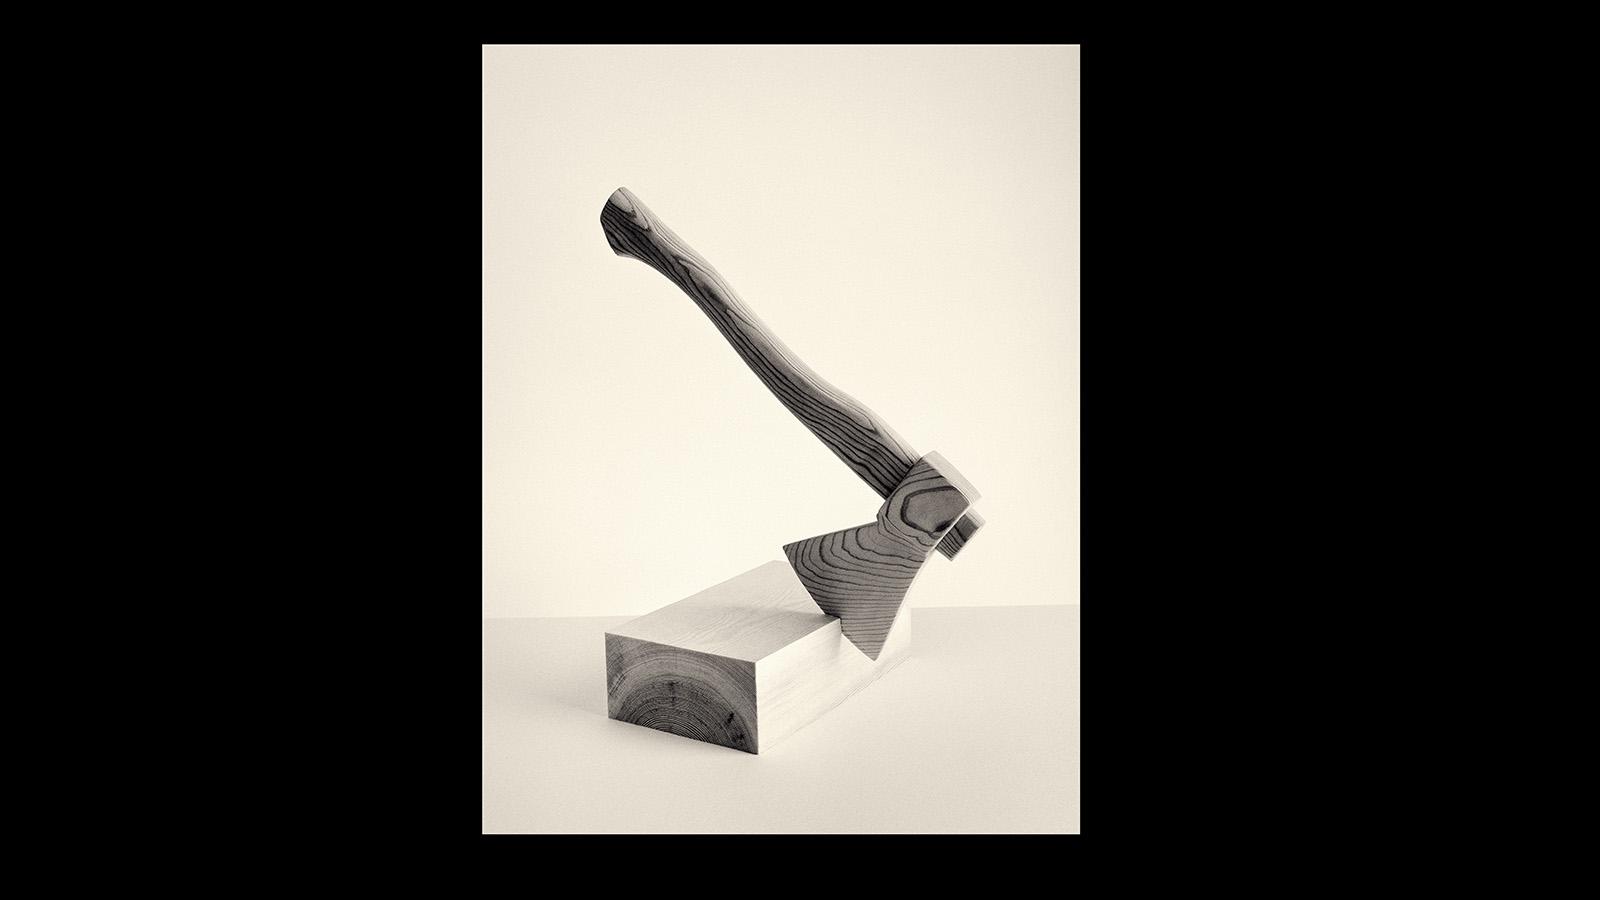 La metodología y la manera de relacionar objetos sitúa el trabajo del fotógrafo, Premio Nacional de Fotografía en 2000, cerca de la idea de poesía y de metáfora.